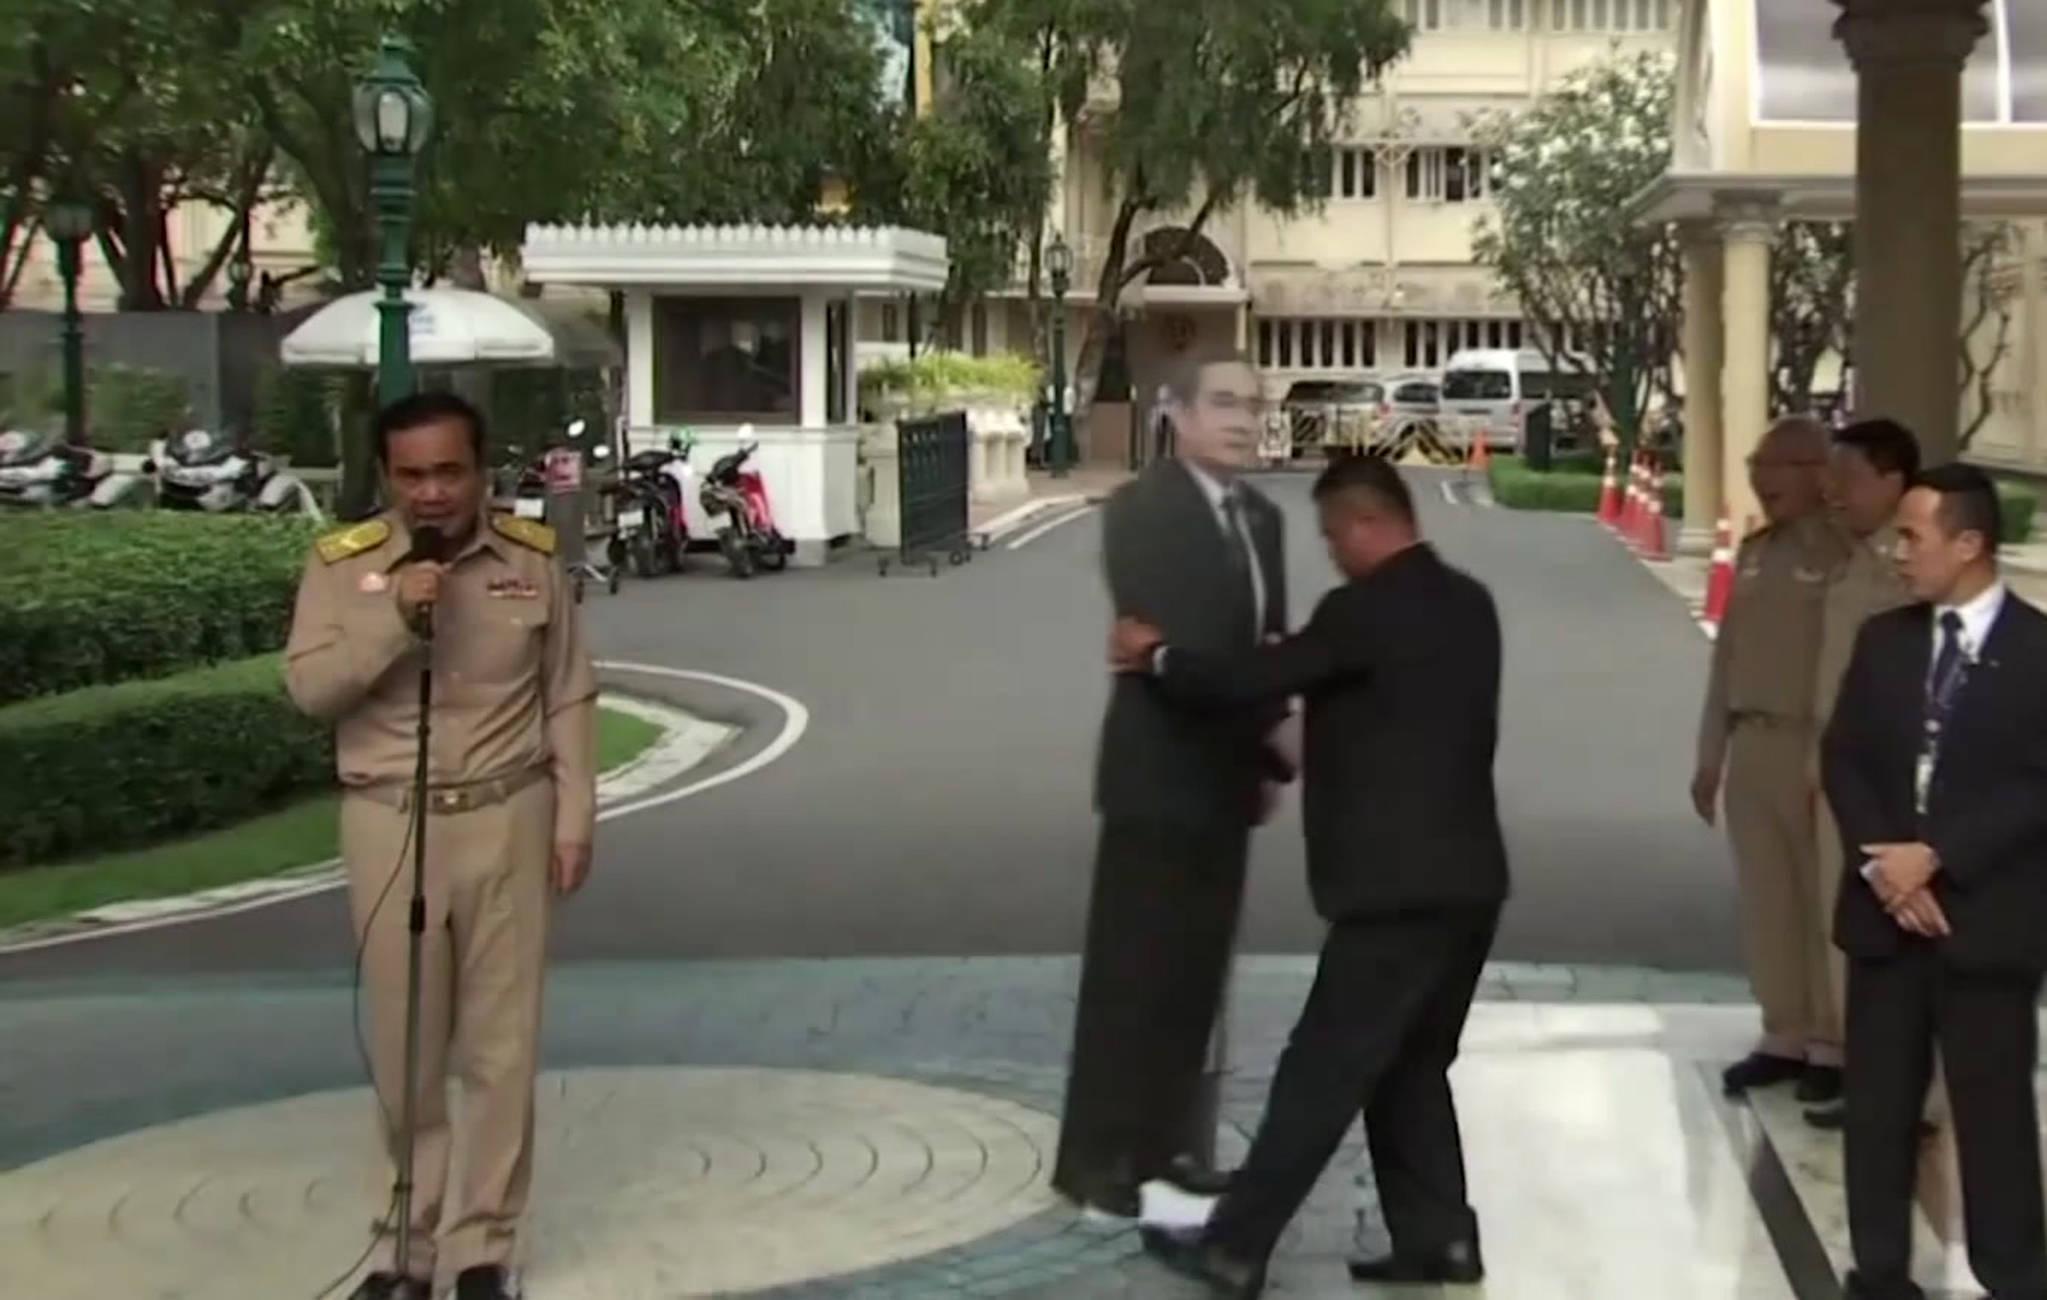 8일 방콕 총리관저에서 열린 쁘라윳 태국 총리 브리핑이 끝날 때 쯤 쁘라윳 총리의 실물크기 종이인형이 등장하고 있다.[AP=연합뉴스]